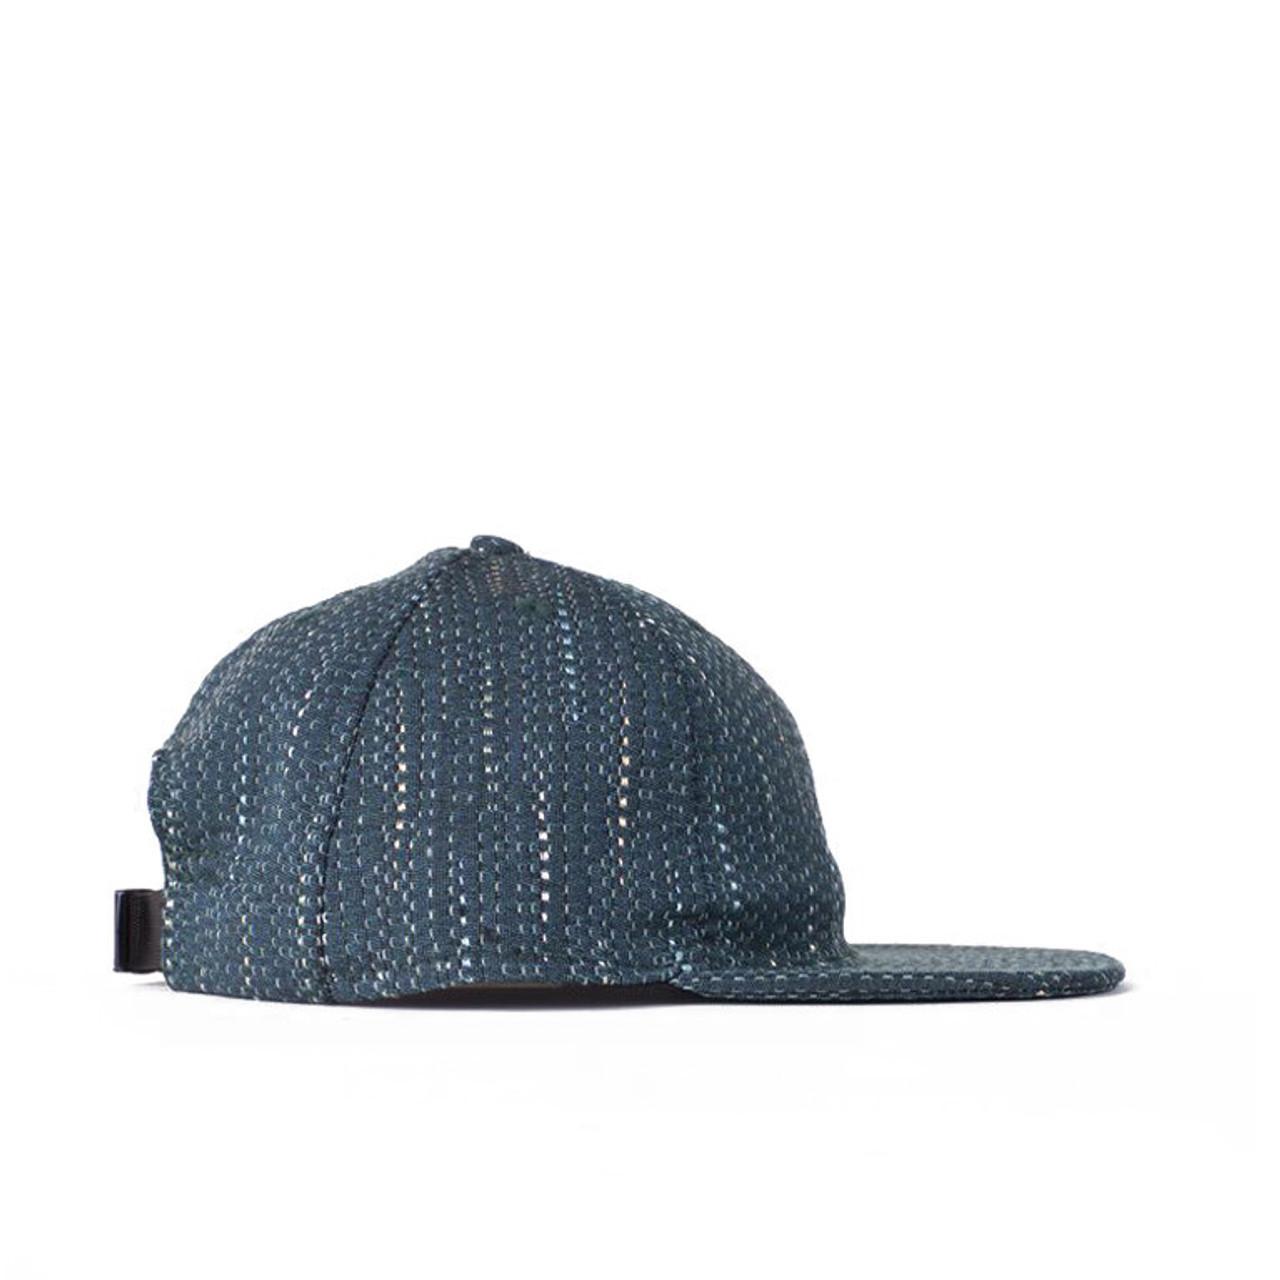 Indigo Tremaine Peskowitz Cap